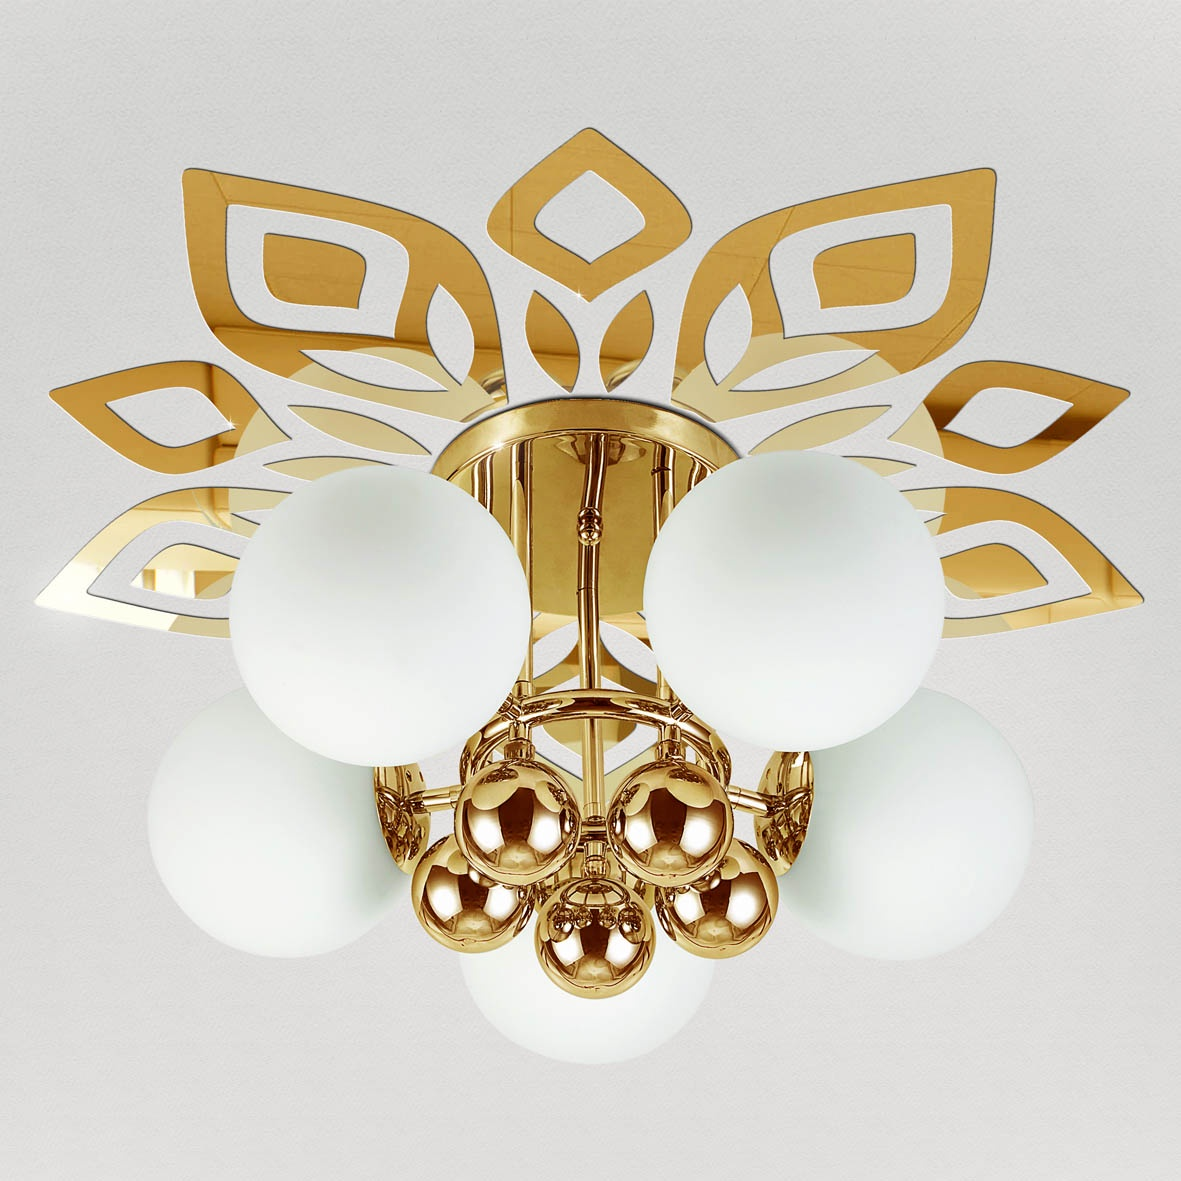 """Декор под люстры Ваша Светлость """"Люпин"""" зеркальный , 2-01201FG, золотой"""